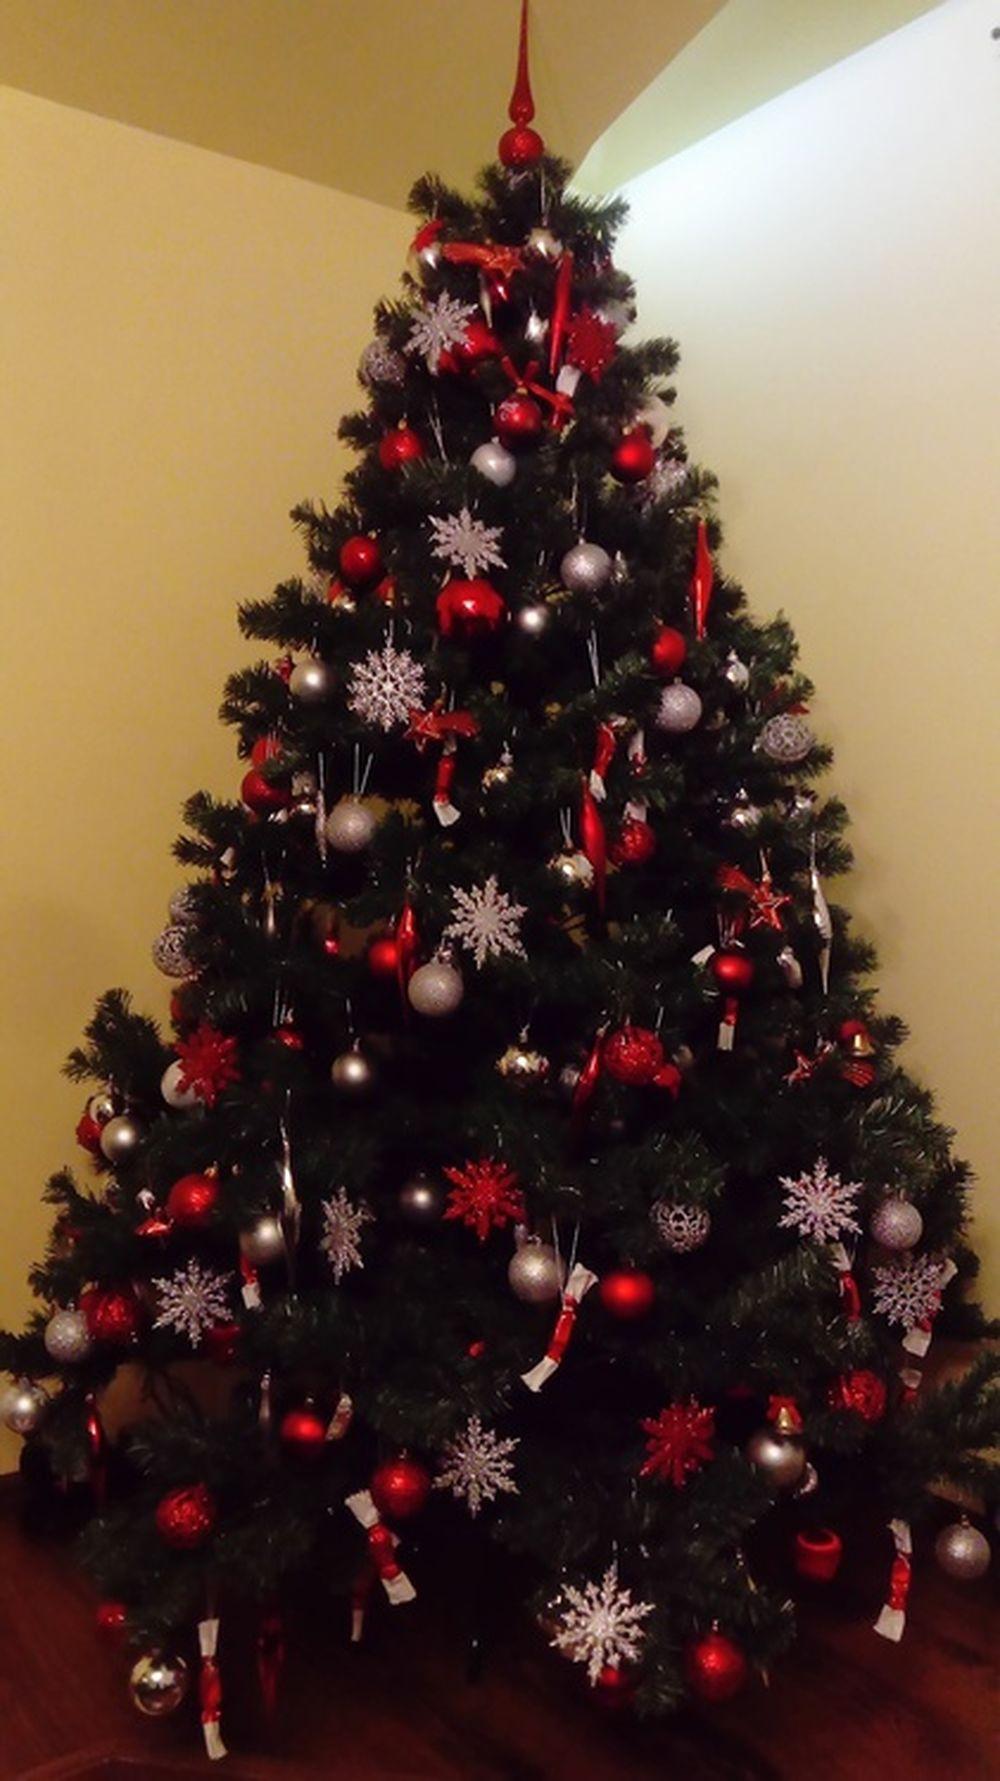 FOTO: Vianočné stromčeky v Žiline - výber fotografií našich čitateľov, foto 68